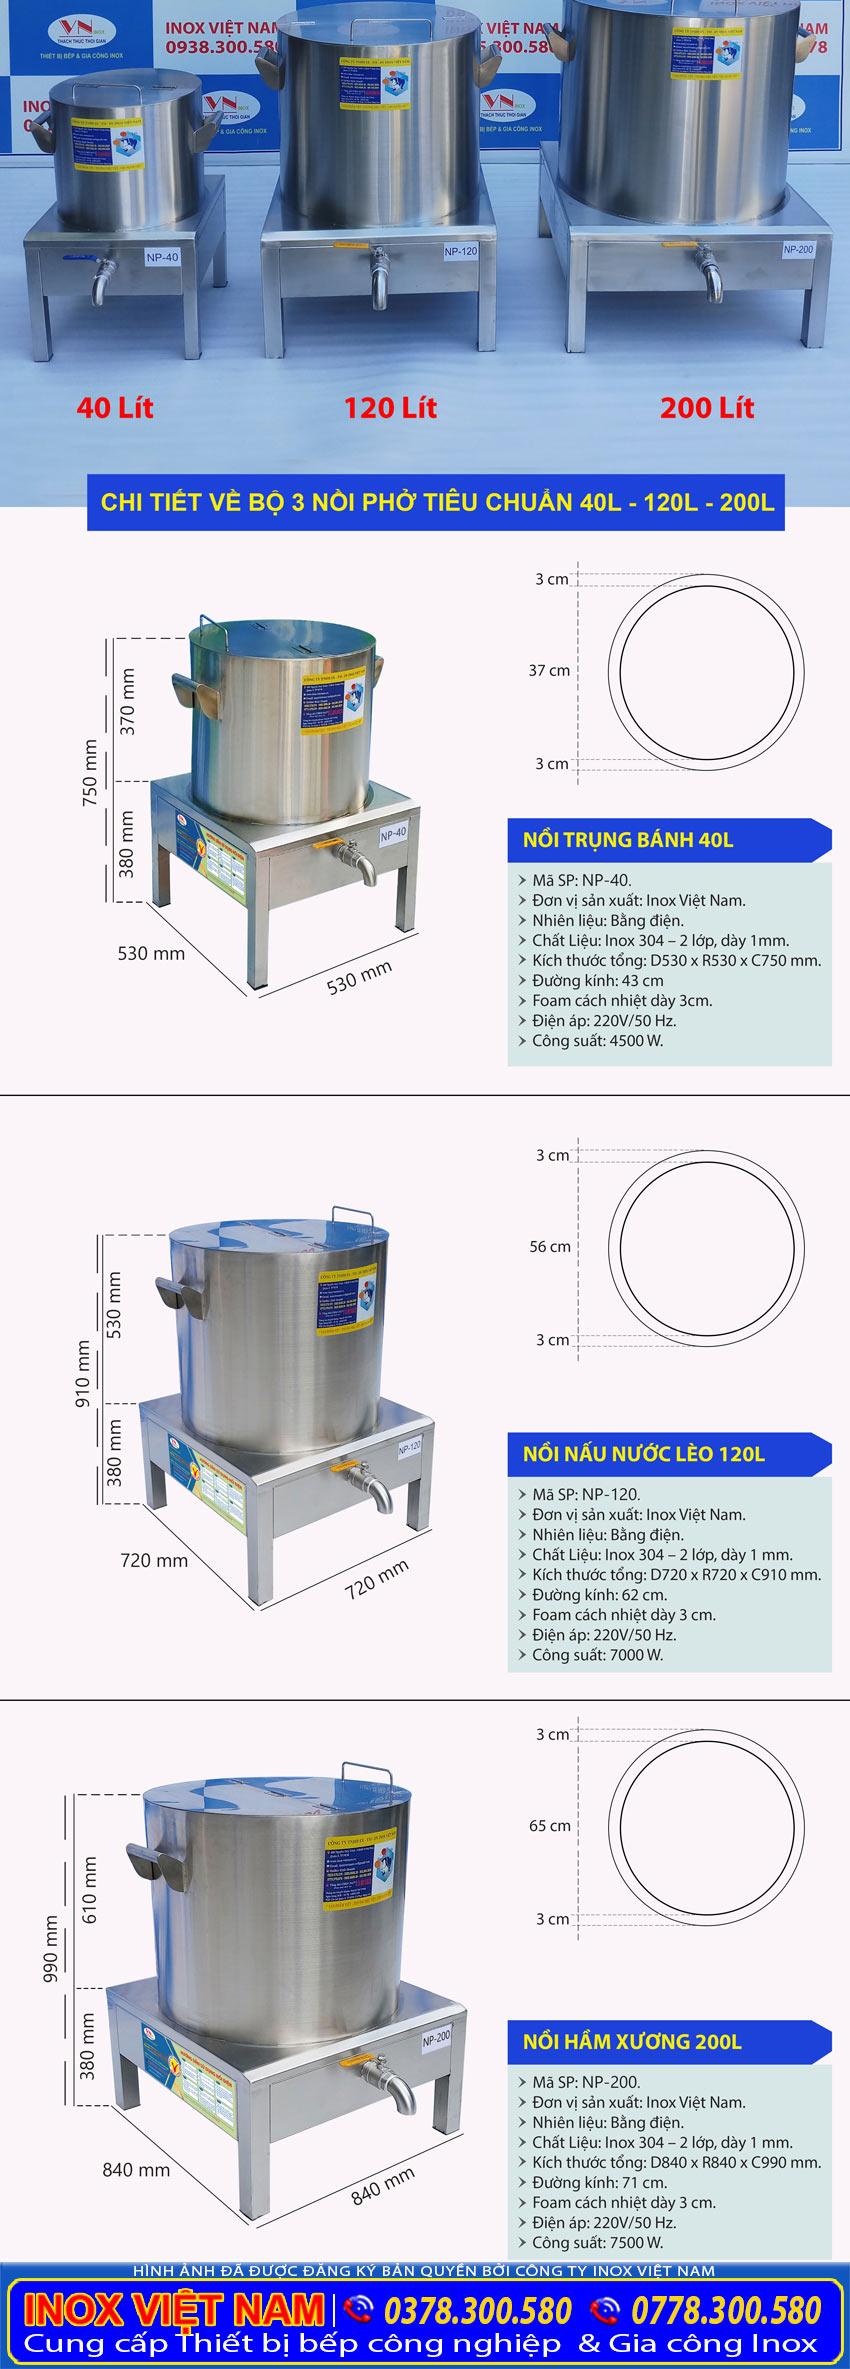 kich-thuoc-bo-3-noi-pho-dien-cong-nghiep-40-120-200-lit